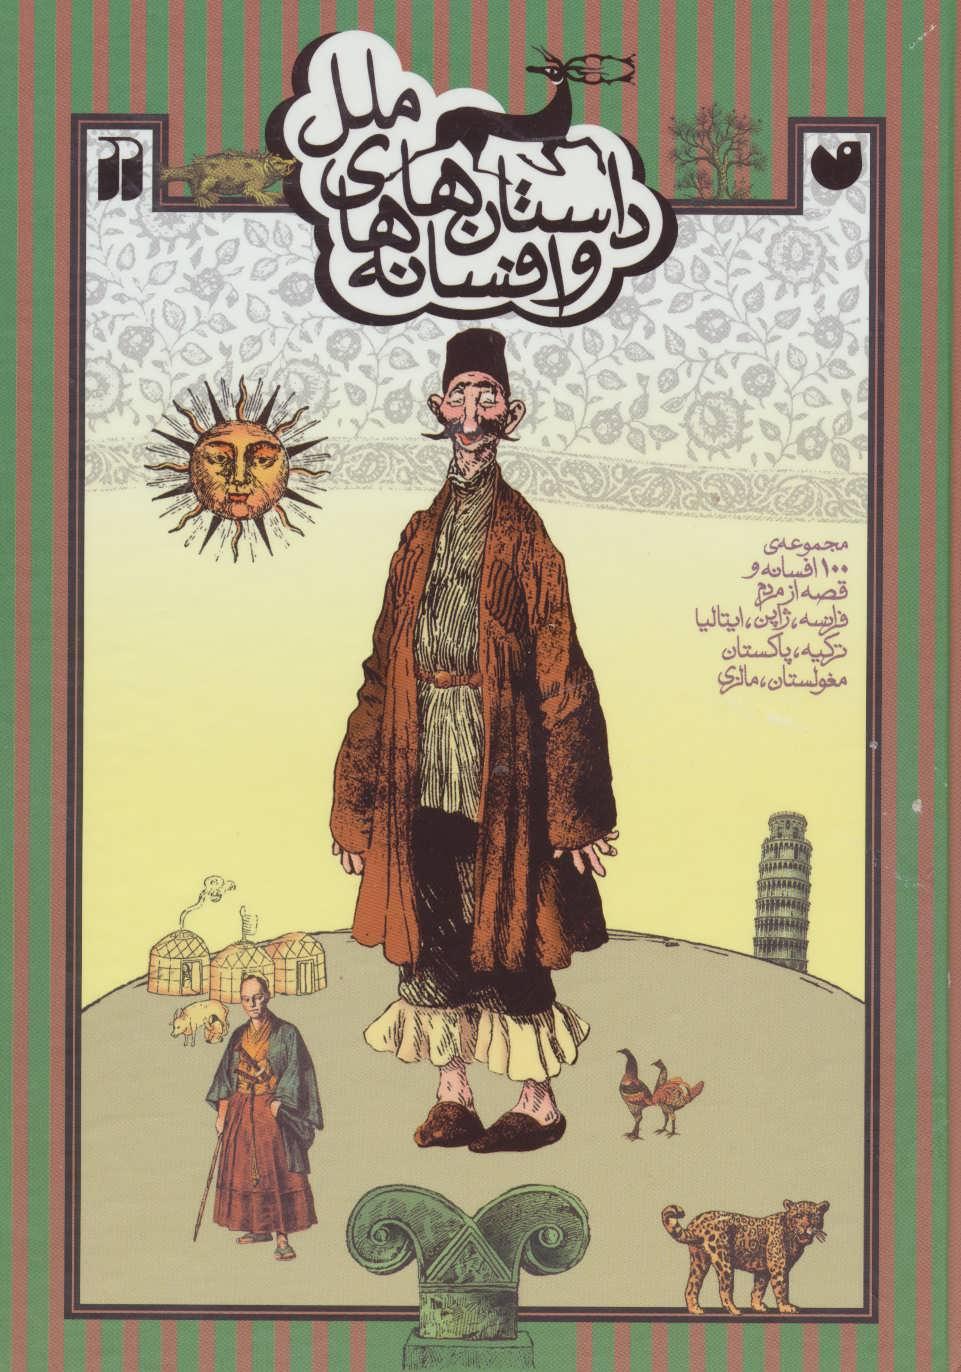 داستان ها و افسانه های ملل (مجموعه ی 100 افسانه و قصه از مردم فرانسه،ژاپن،ایتالیا،ترکیه،پاکستان…)